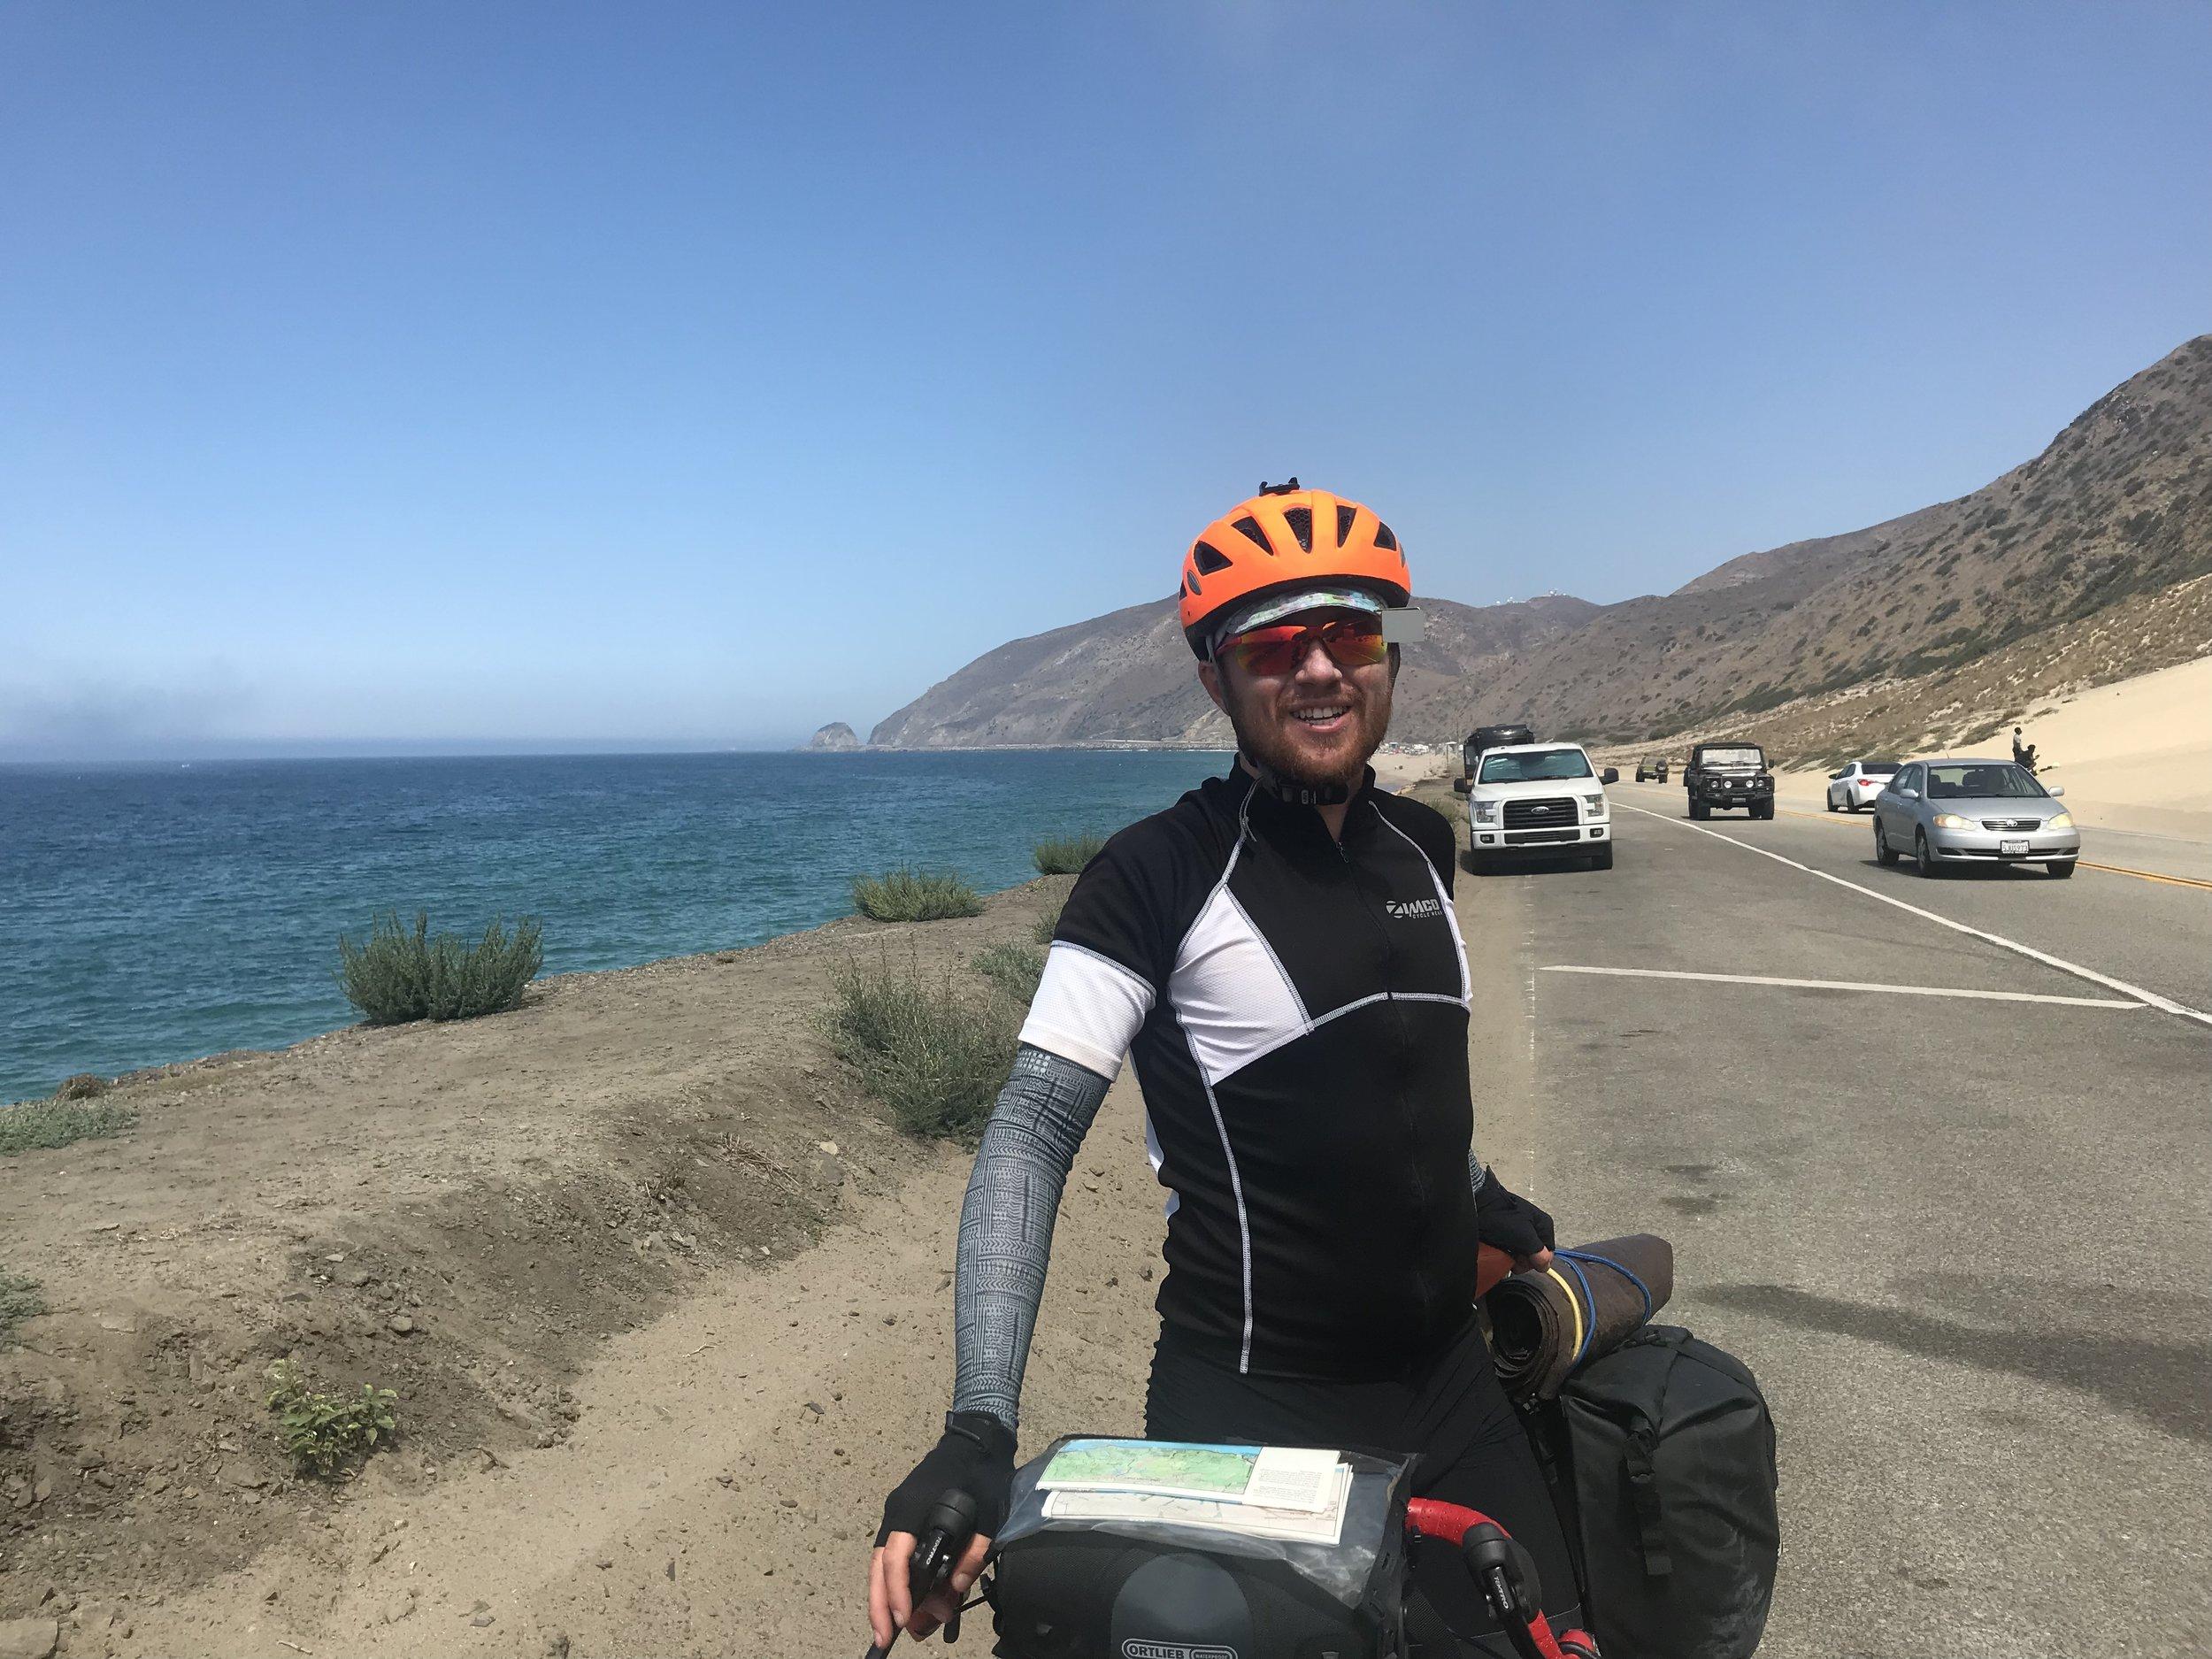 Biking through the Santa Monica Mountains.